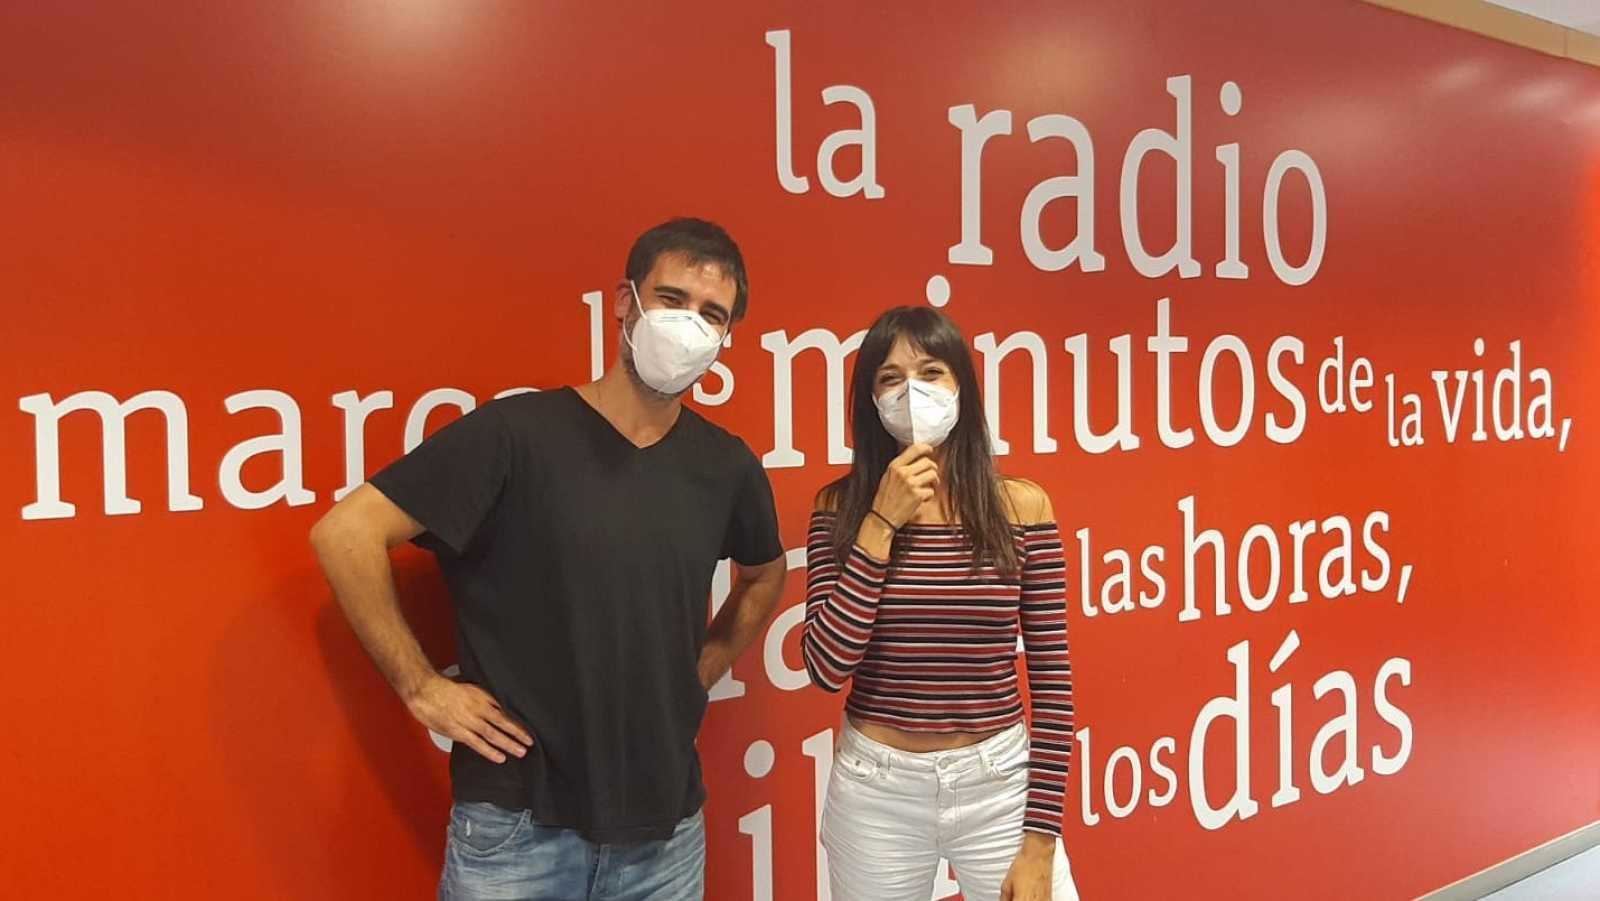 La sala - Trashumantes: Zaira Montes y Elías González en Galicia - 09/06/21 - Escuchar ahora